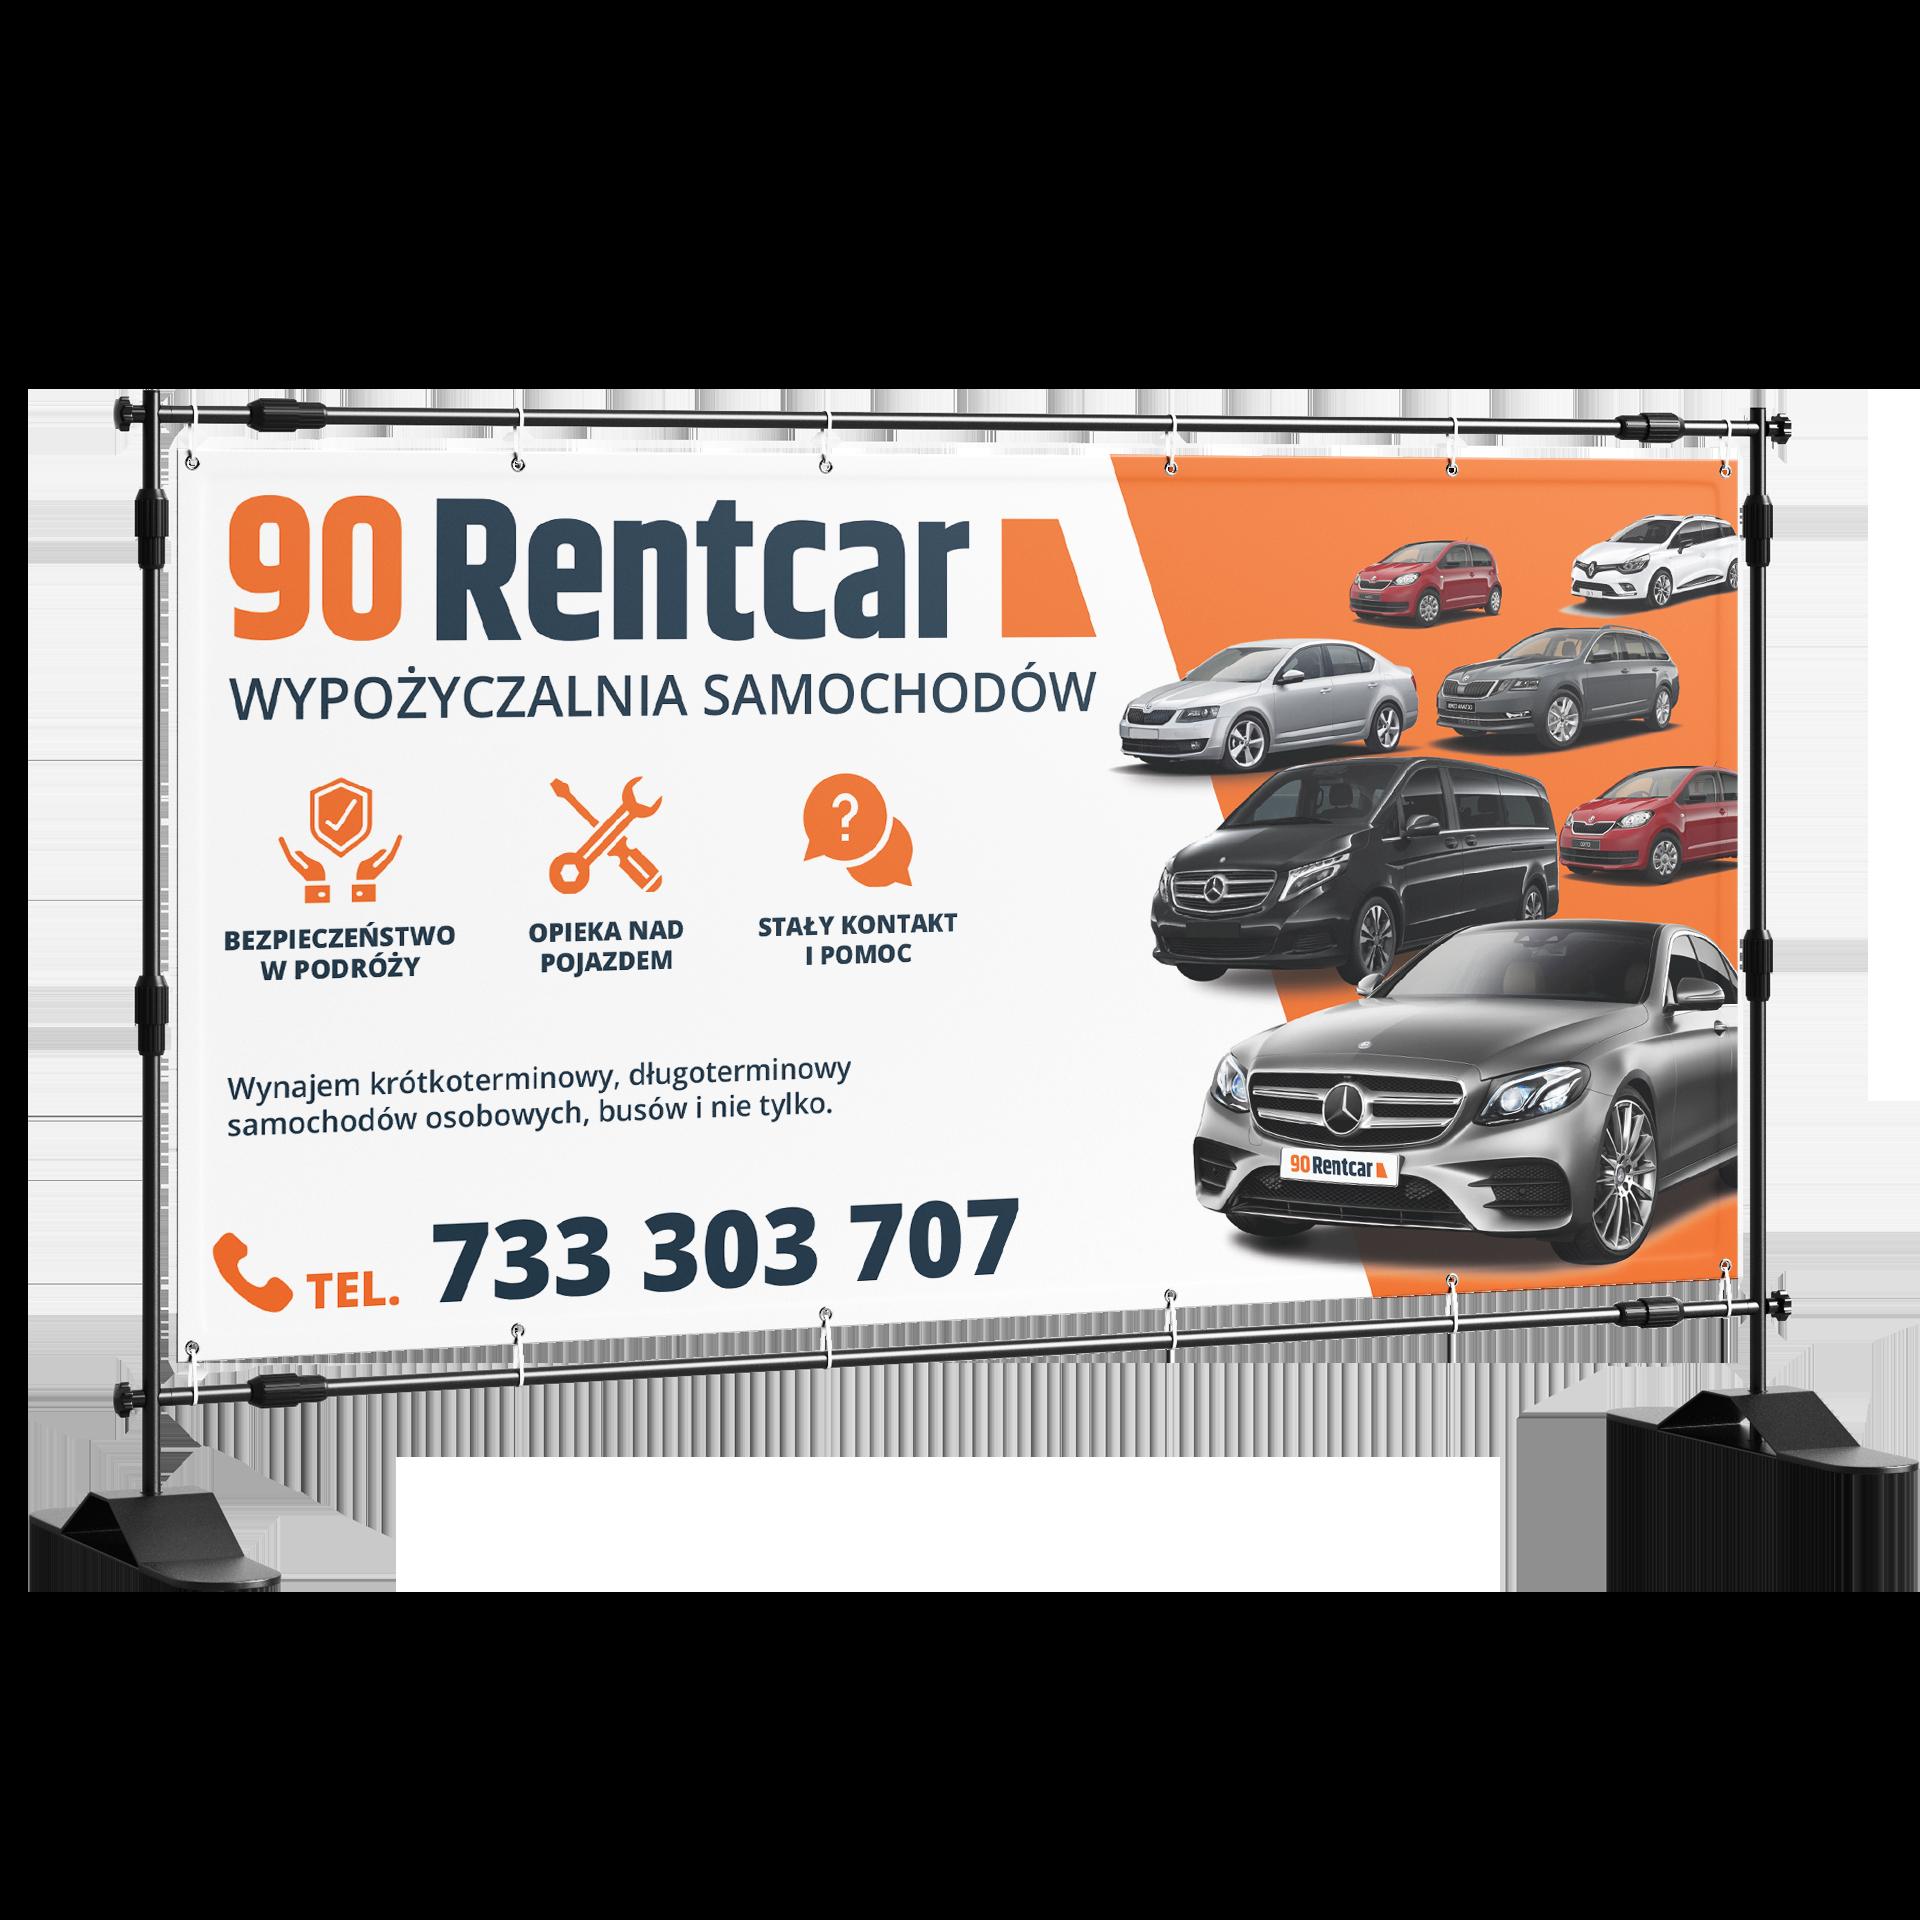 Baner reklamowy rentcar